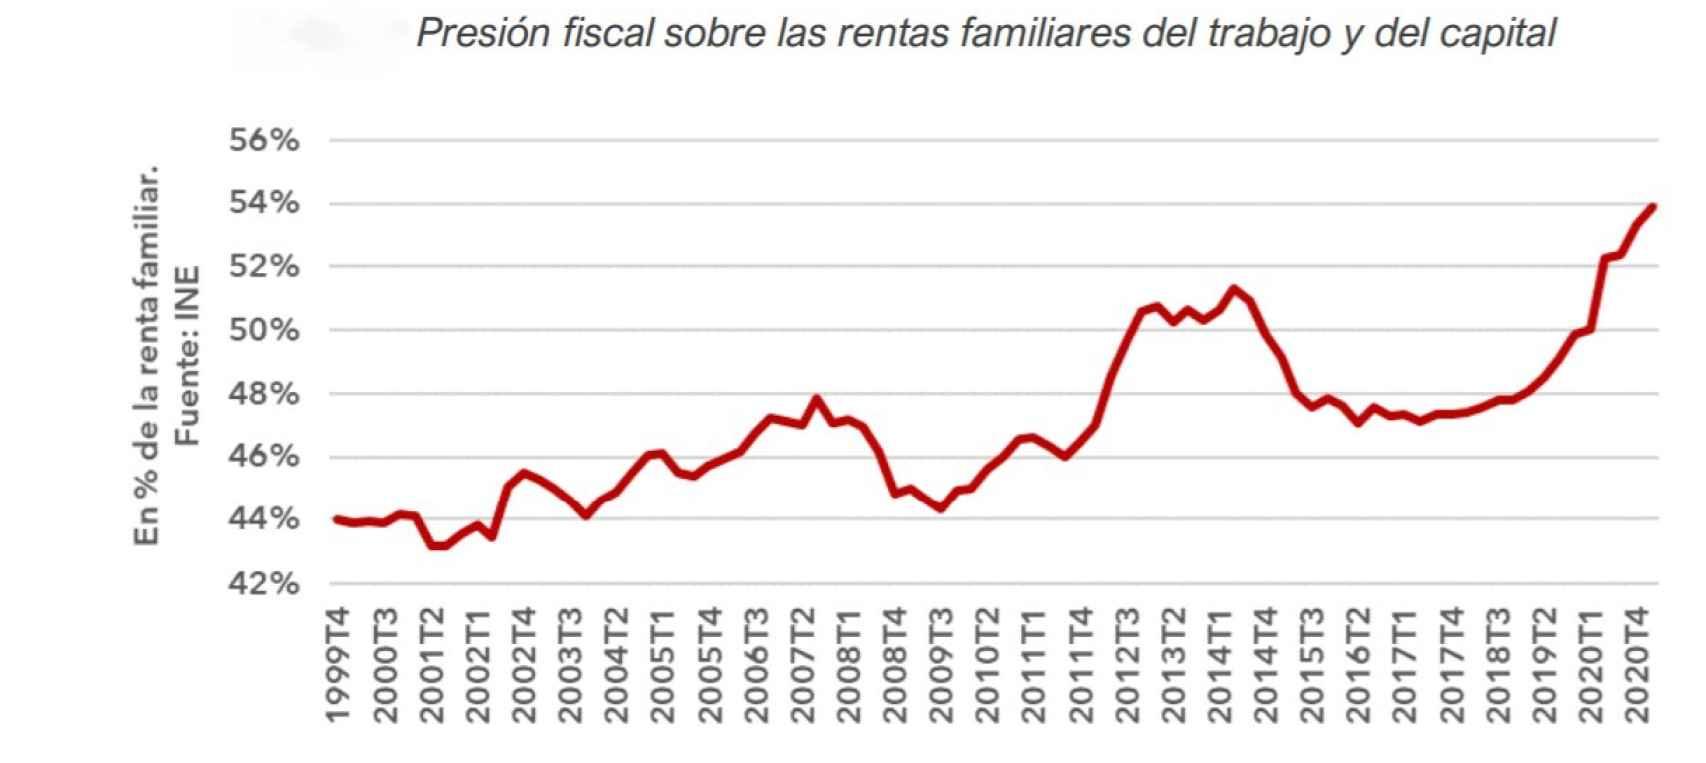 Fuente: Fundación Civismo / INE.